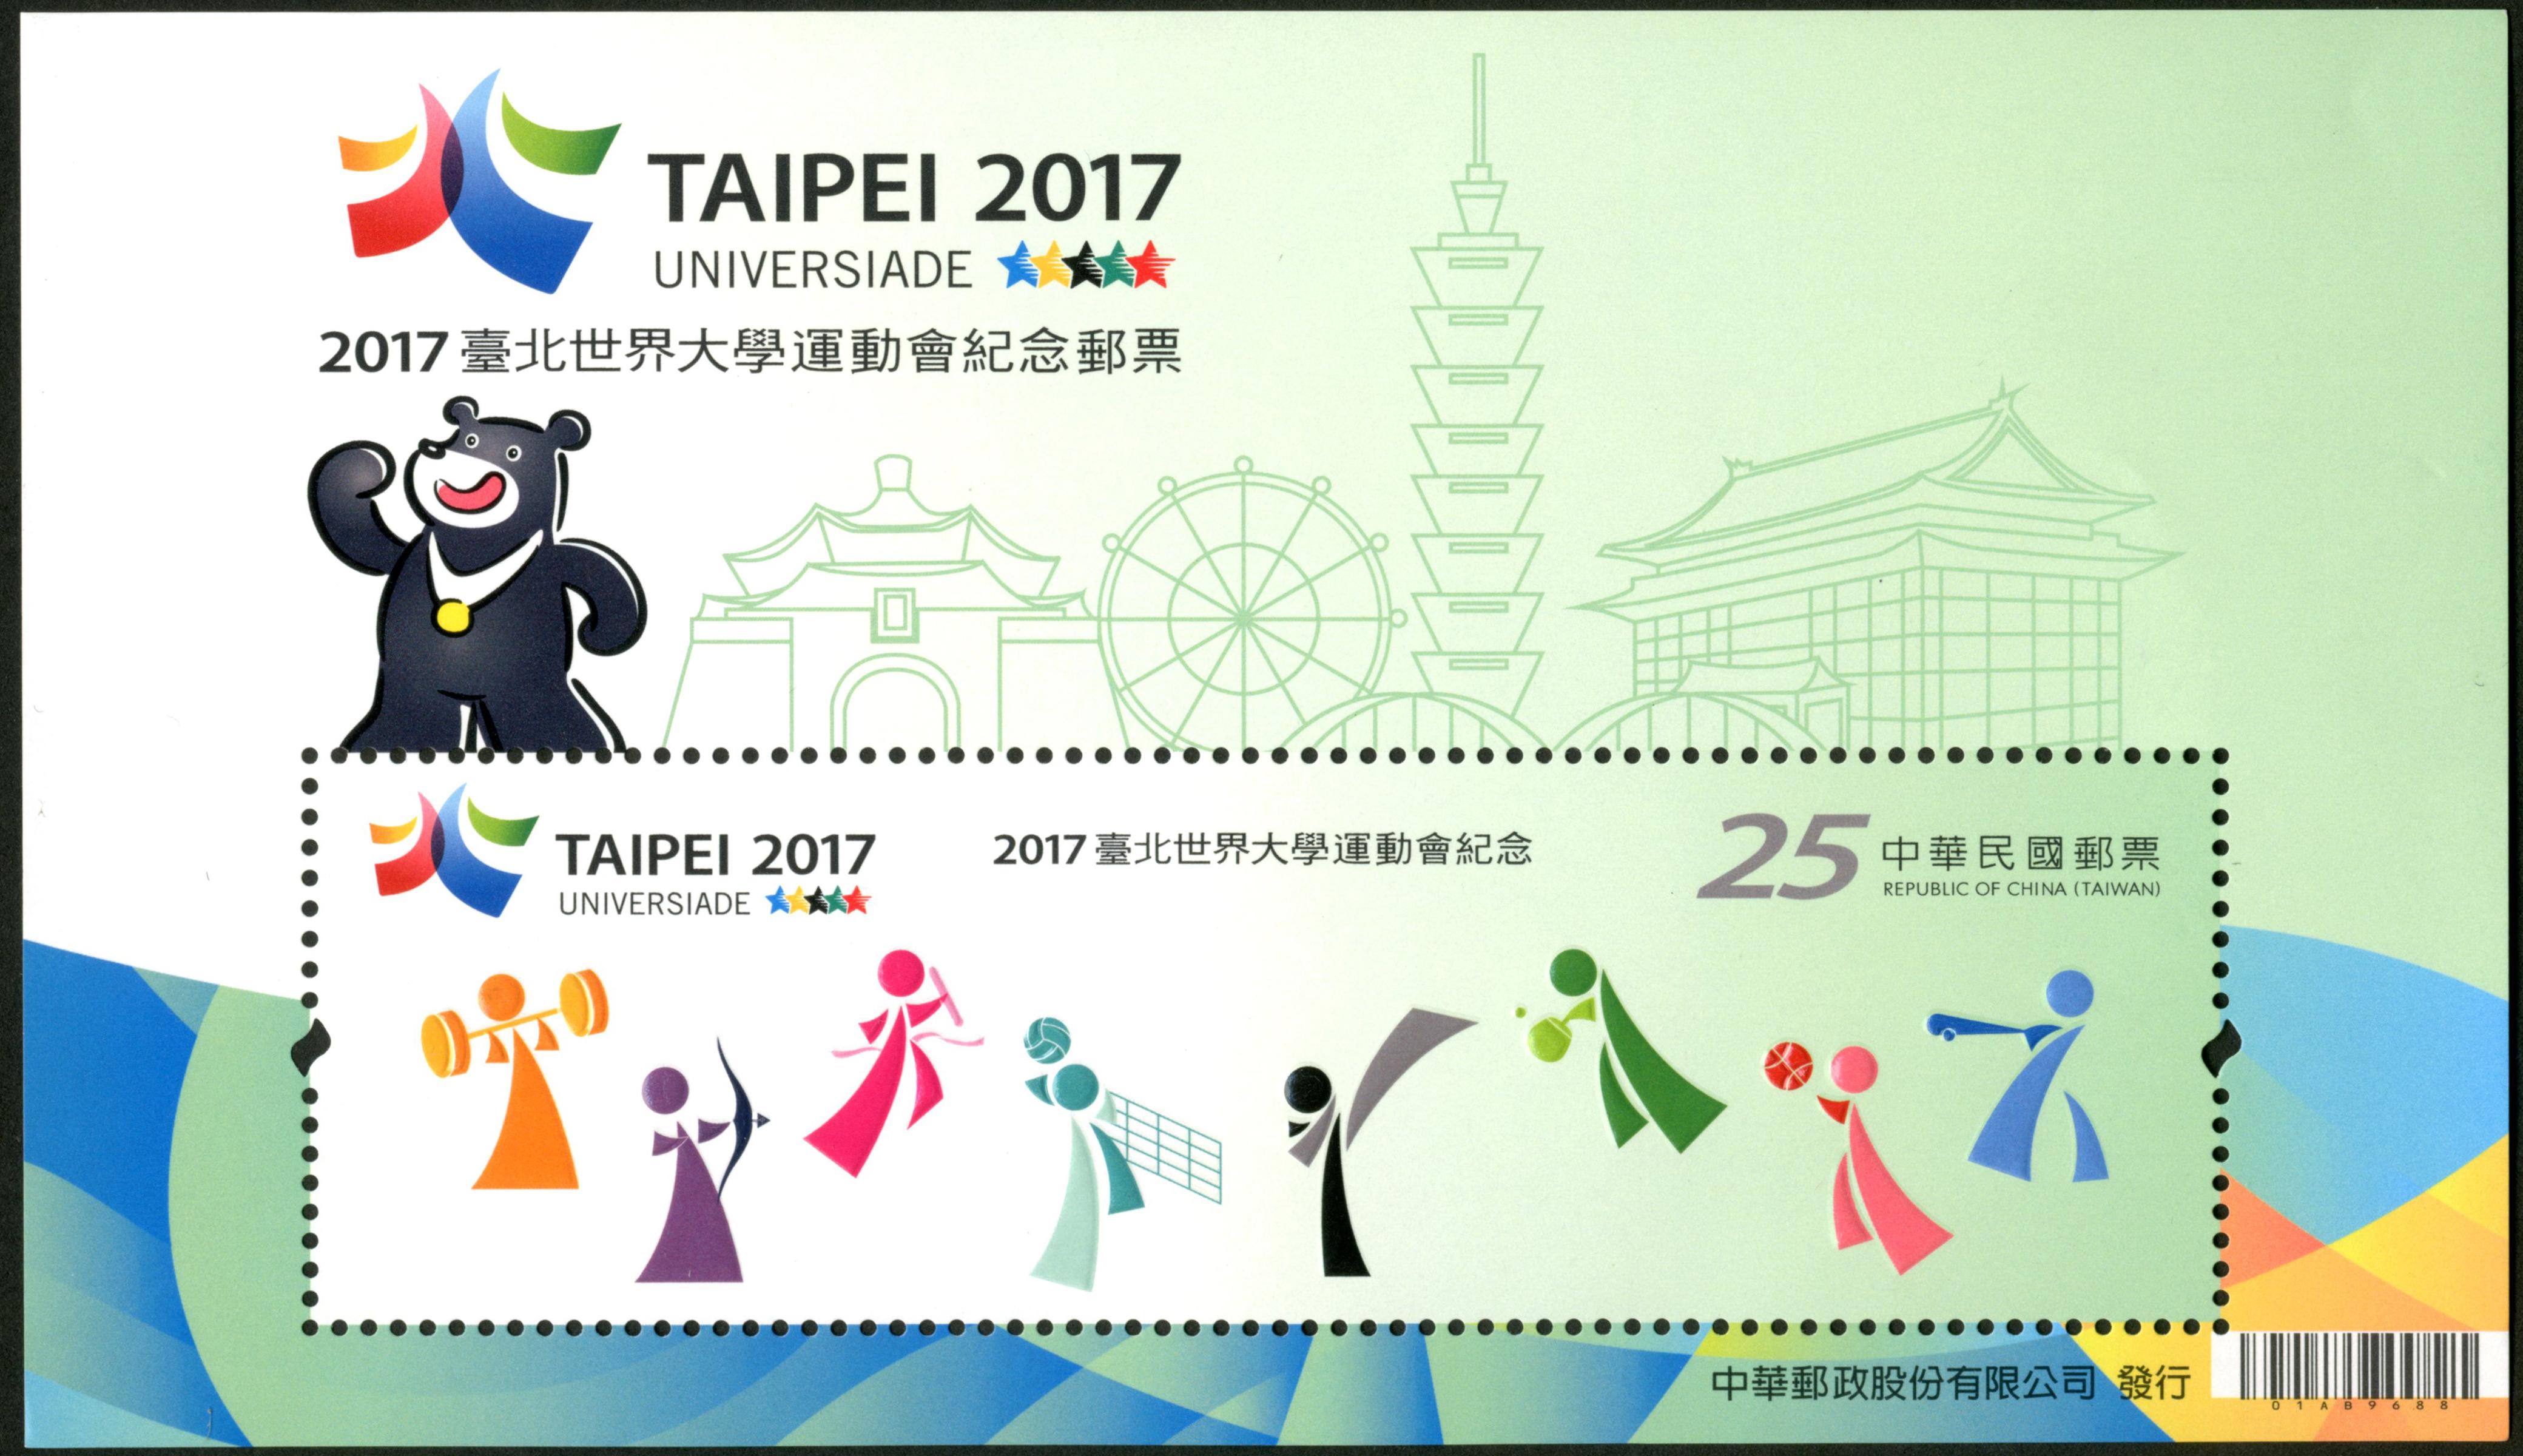 2017臺北世界大學運動會紀念郵票